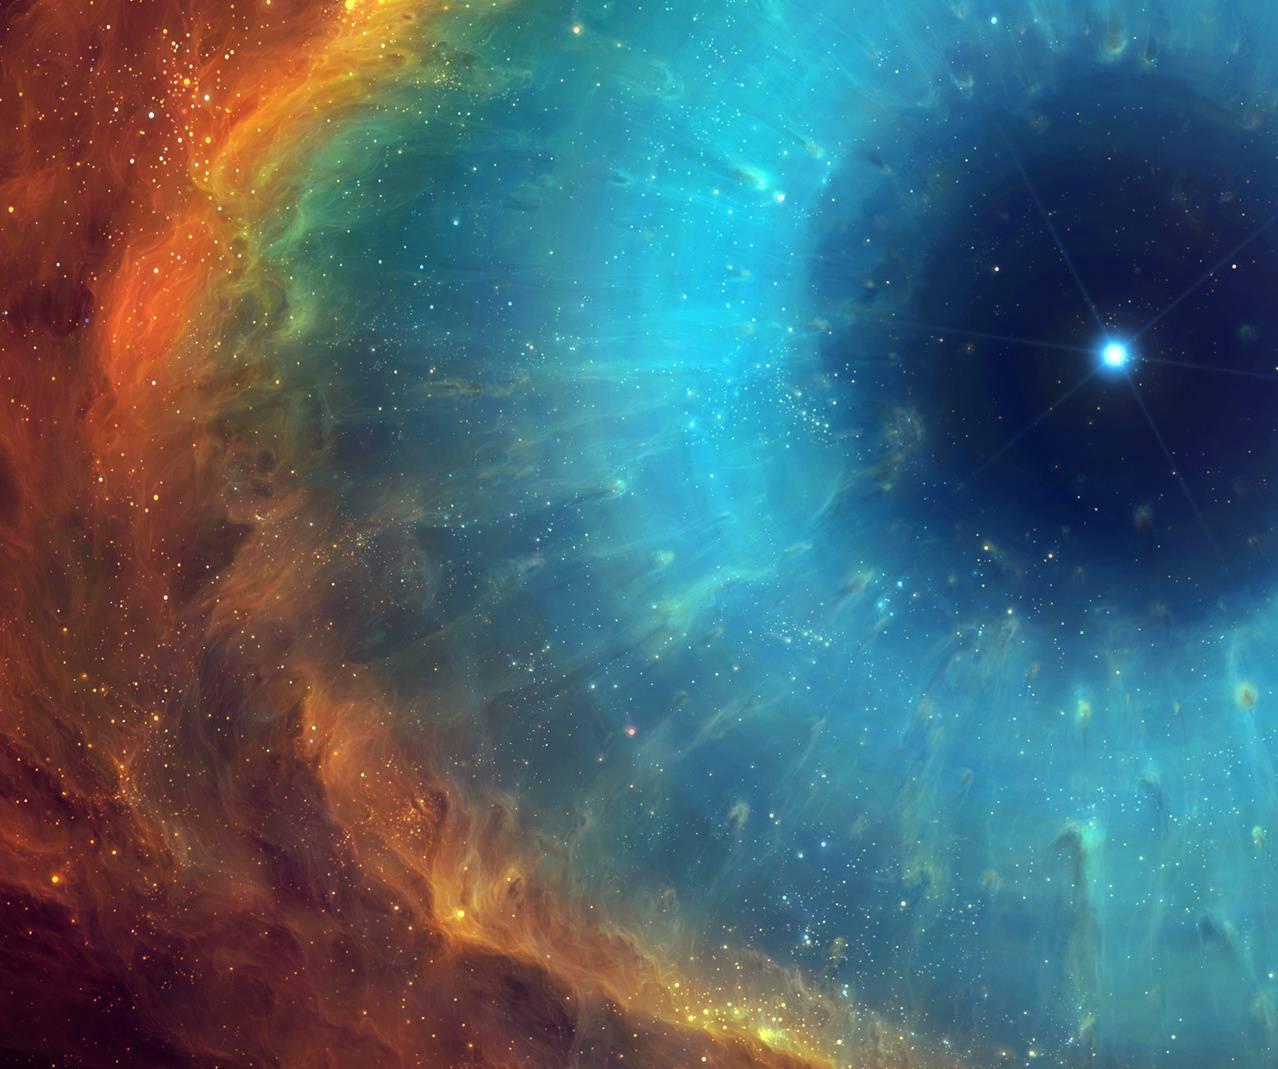 космические картинки на аву лукошко